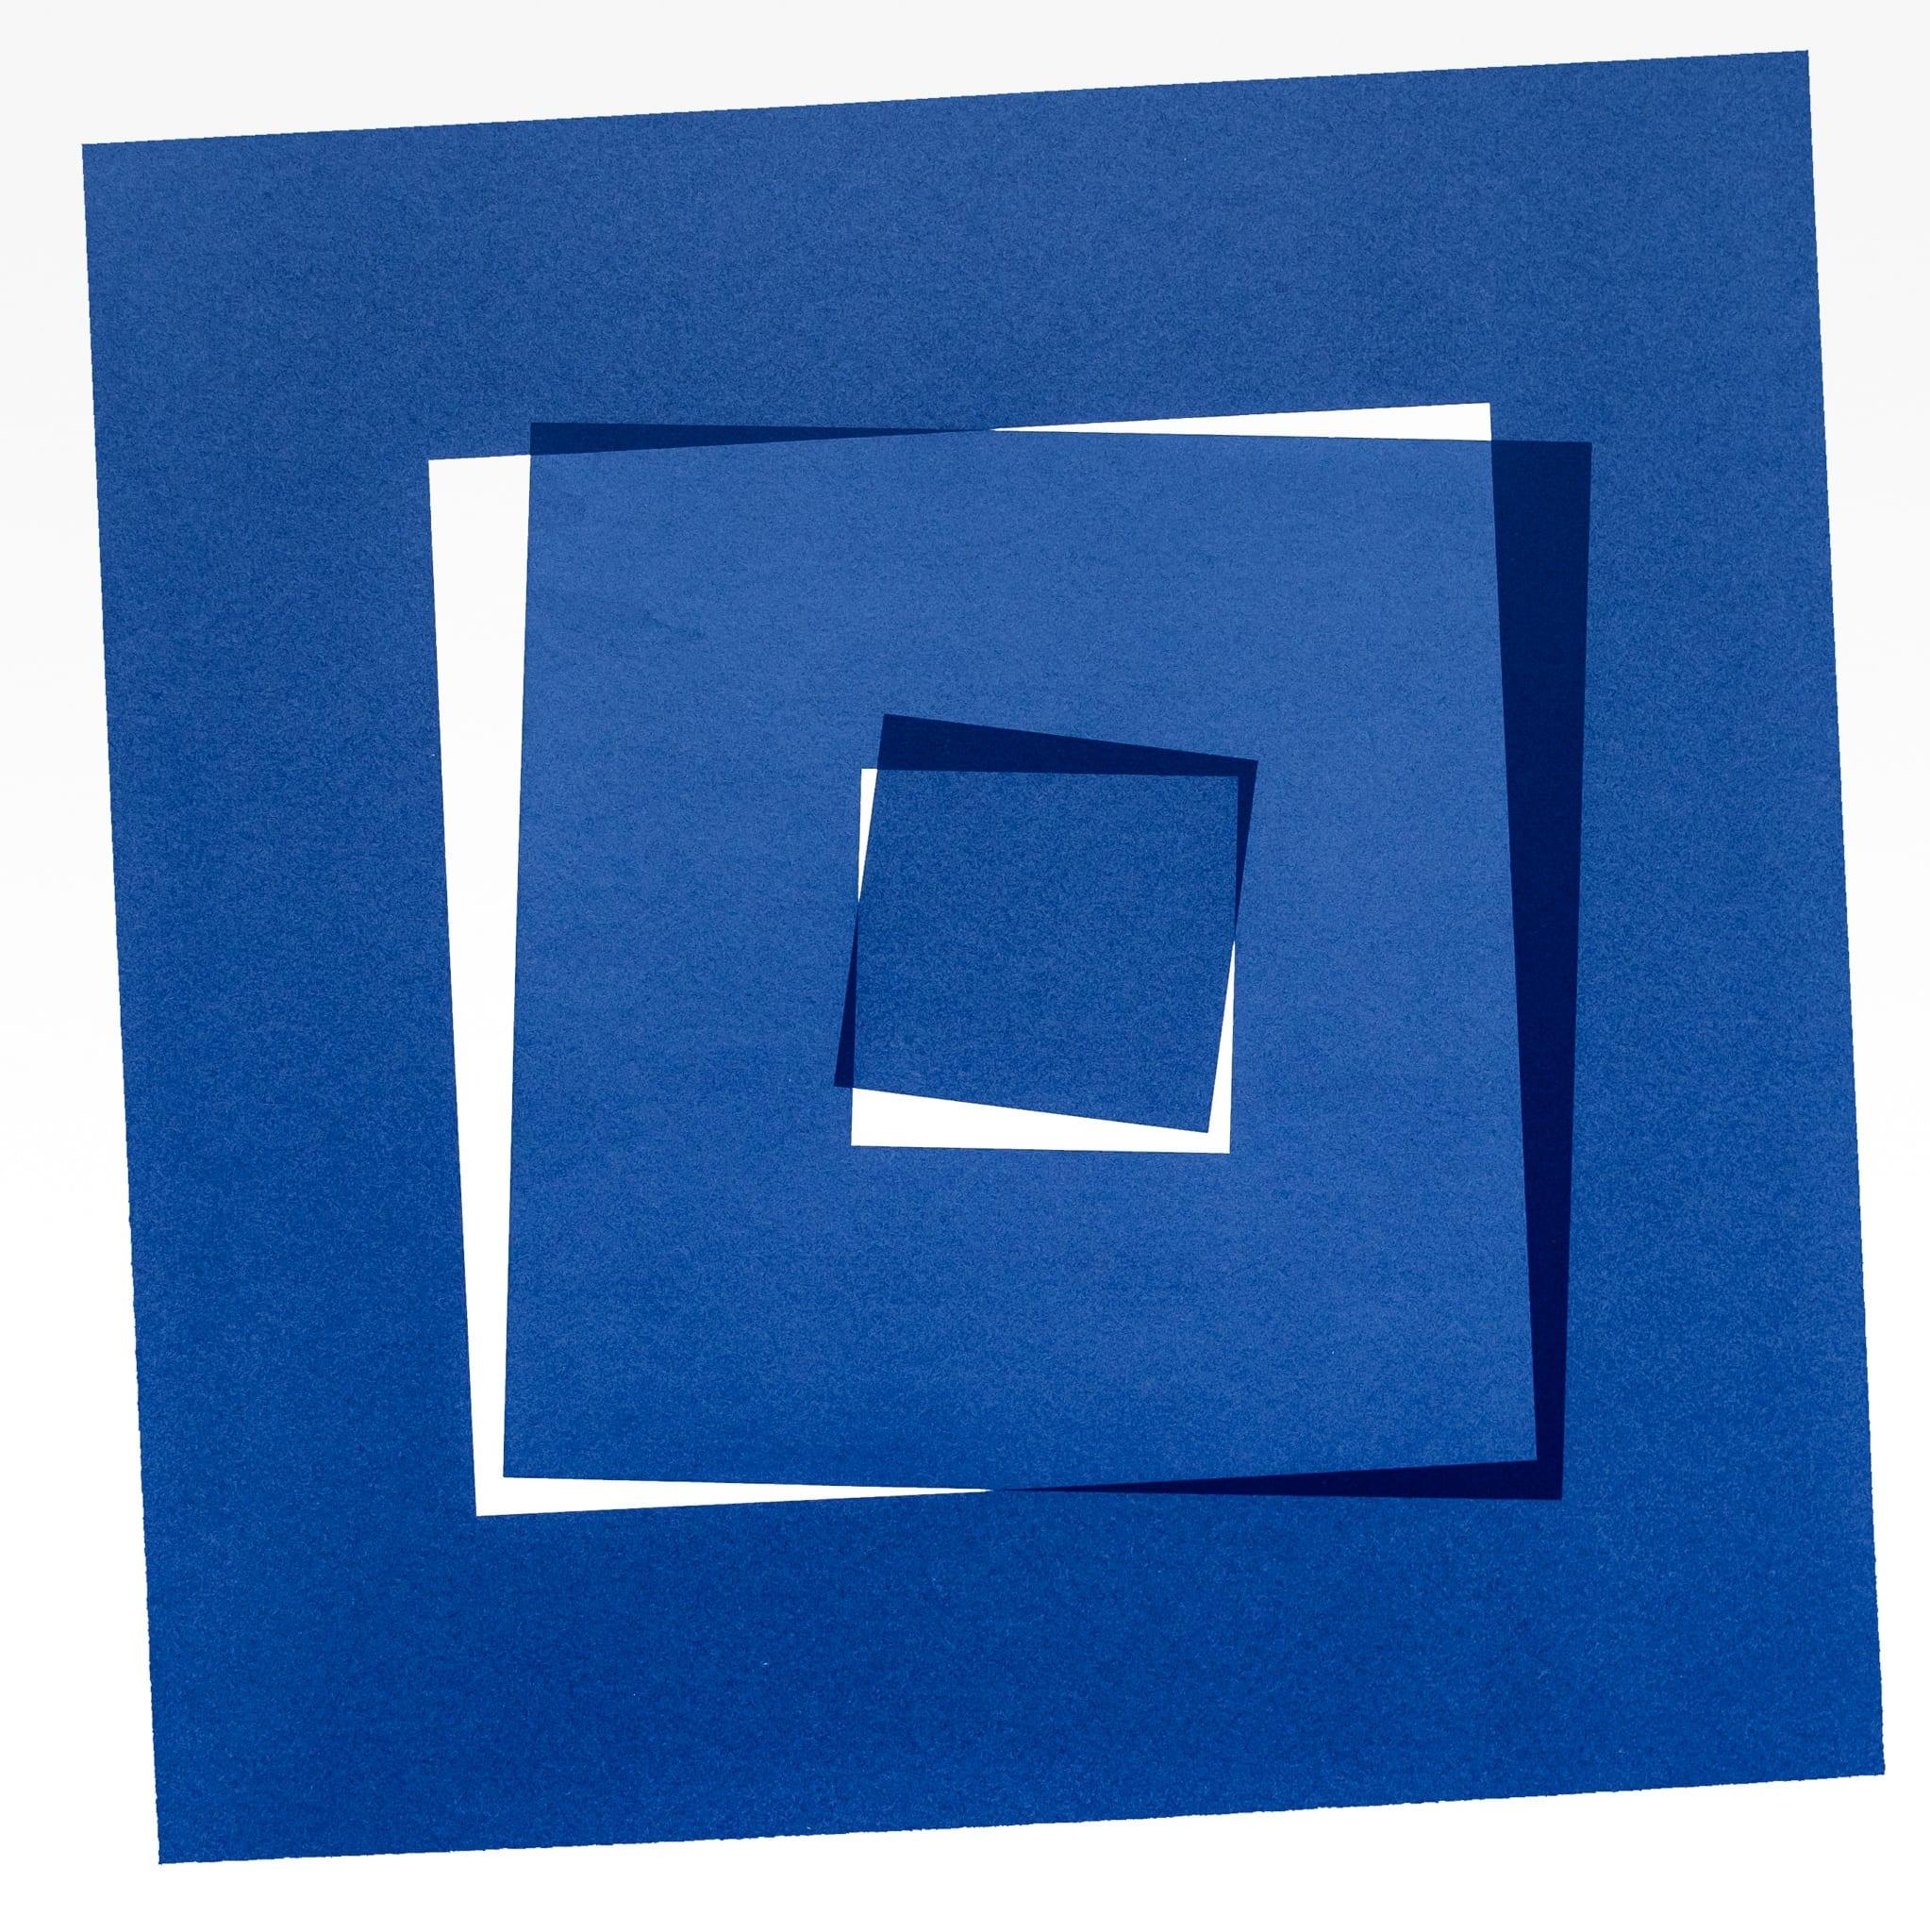 «carré coupé en 3» by Vera Molnar